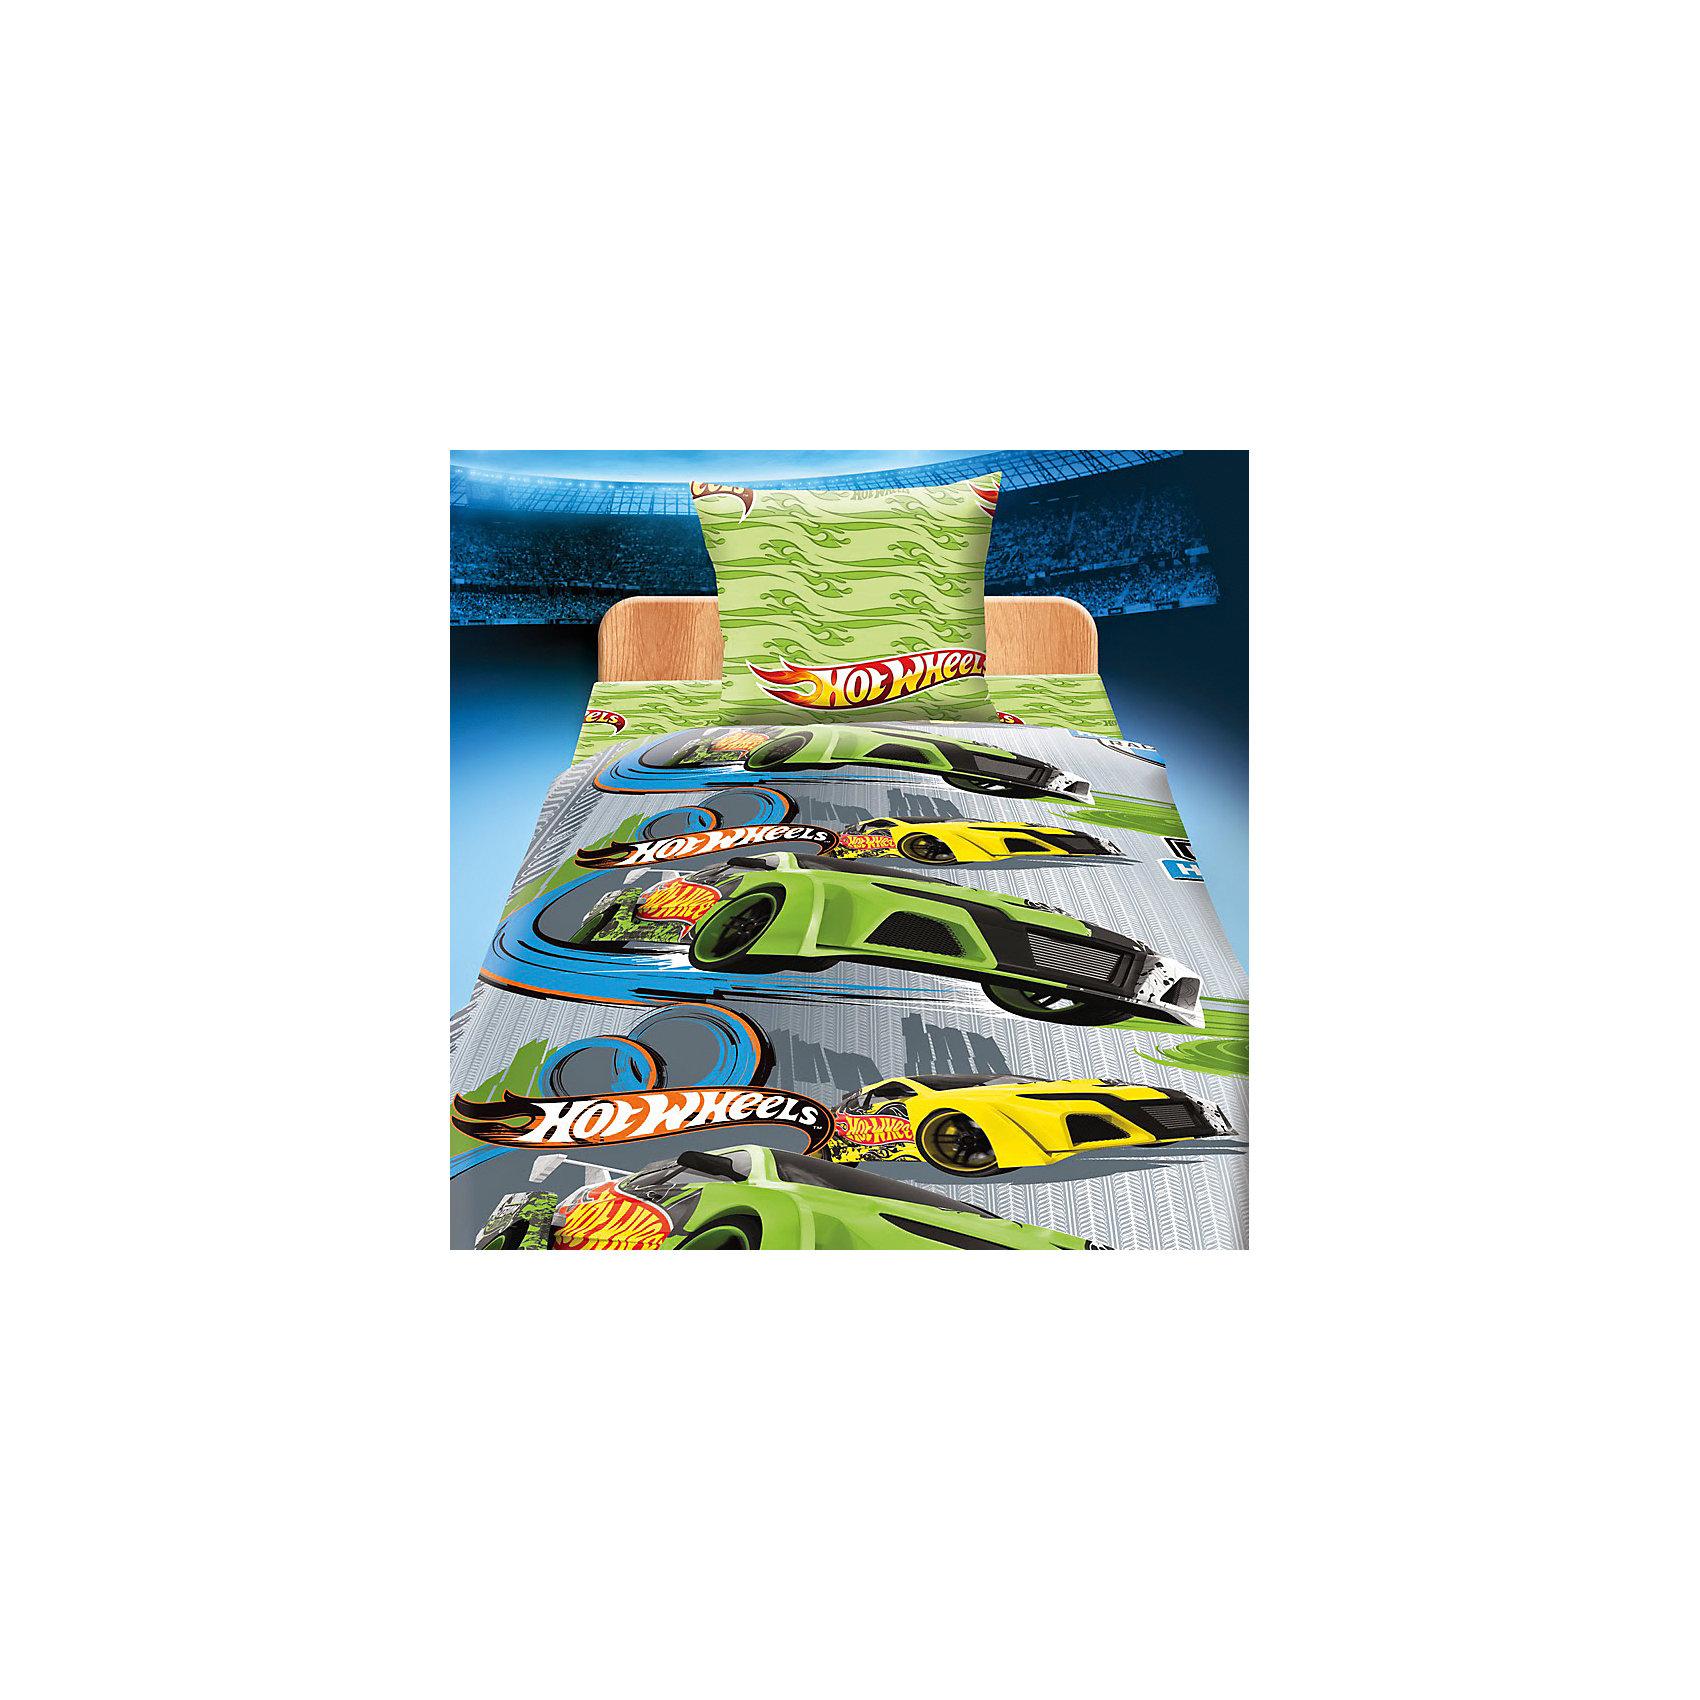 Комплект Гонки 1,5-спальный, Hot WheelsHot Wheels<br>Комплект Гонки с яркими машинками порадует вашего юного экстремала! Постельное белье выполнено из высококачественного хлопка, очень приятно к телу. В производстве изделия используются качественные  красители, что позволяет  сохранять яркость цвета на протяжении всего времени эксплуатации. Ткань не вызывает аллергических реакций, обладает высокой воздухопроницаемостью, гипоаллергенна.<br><br>Дополнительная информация:<br><br>- Комплектация: наволочка (1 шт.), простыня (1 шт.), пододеяльник на прорези (1 шт.).<br>- Материал: хлопок (бязь) 100%.<br>- Размер: наволочка -  70х70 см, простыня - 214х150 см, пододеяльник - 215х143 см.<br><br>Комплект Гонки 1,5-спальный (бязь), Hot Wheels (Хот Вилс) можно купить в нашем магазине.<br><br>Ширина мм: 250<br>Глубина мм: 350<br>Высота мм: 70<br>Вес г: 500<br>Возраст от месяцев: 36<br>Возраст до месяцев: 168<br>Пол: Мужской<br>Возраст: Детский<br>SKU: 3973754